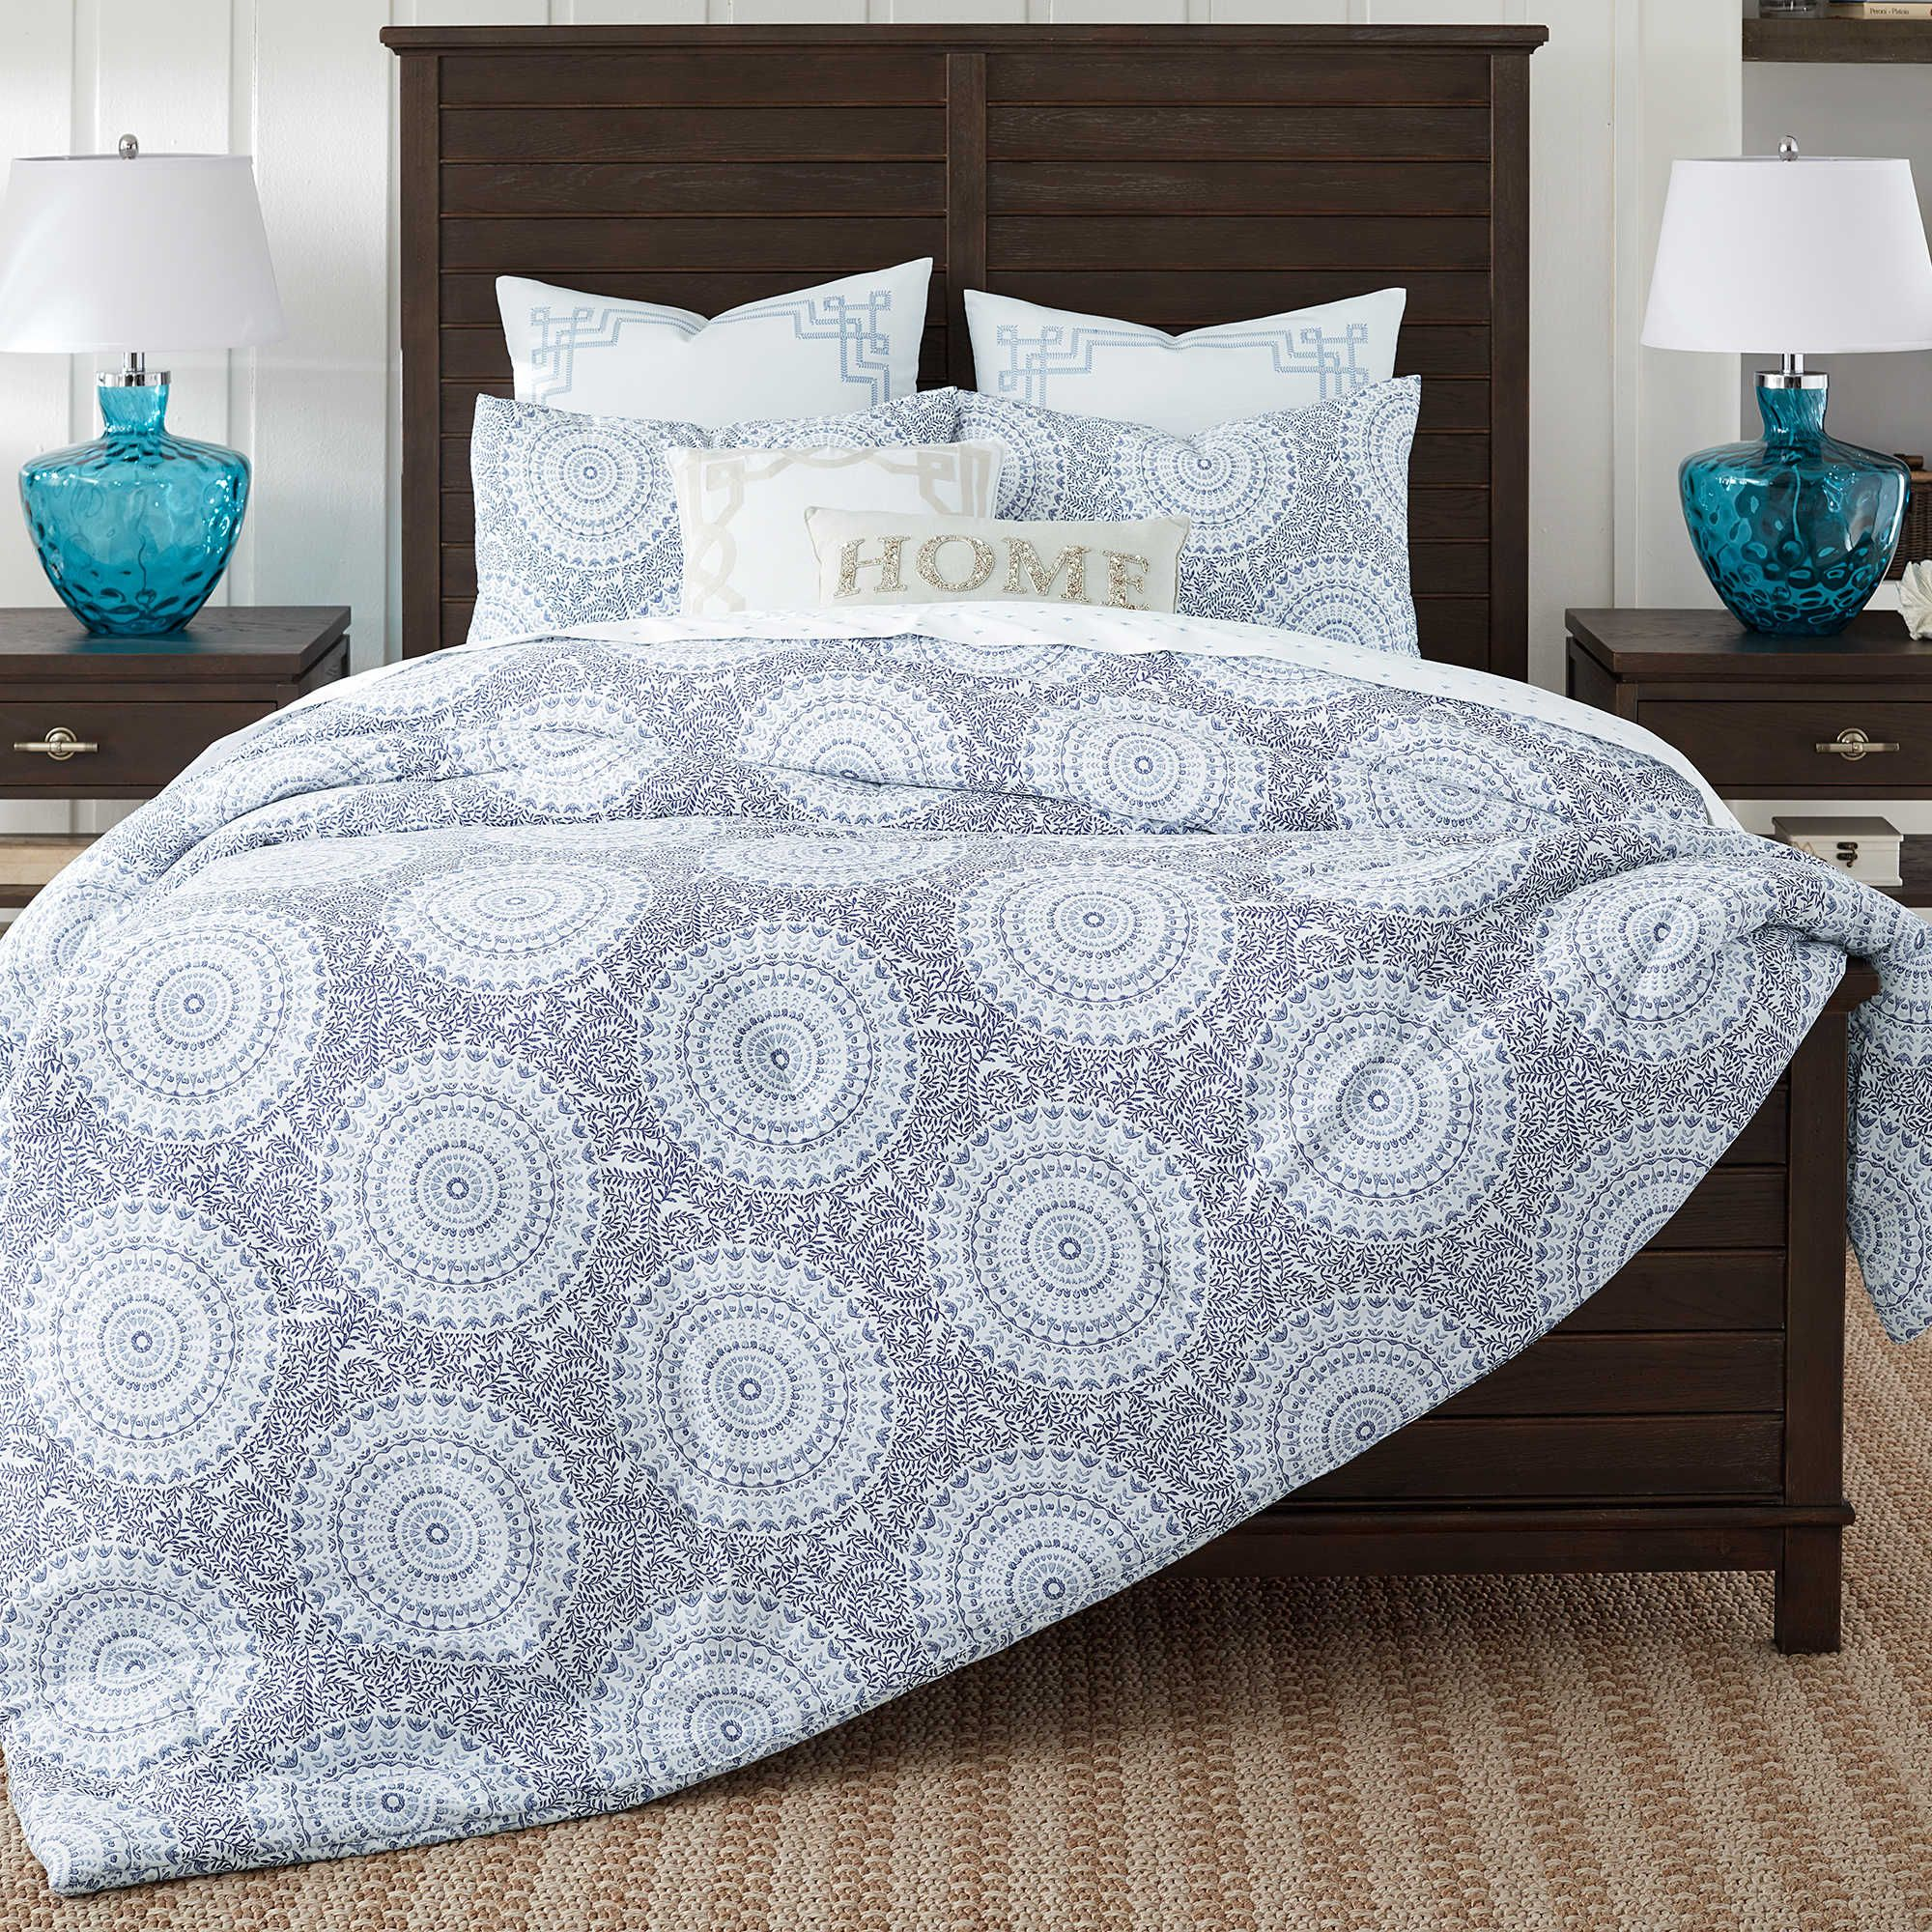 Coastal Living Floral Medallion Comforter Set Bed Bath Beyond